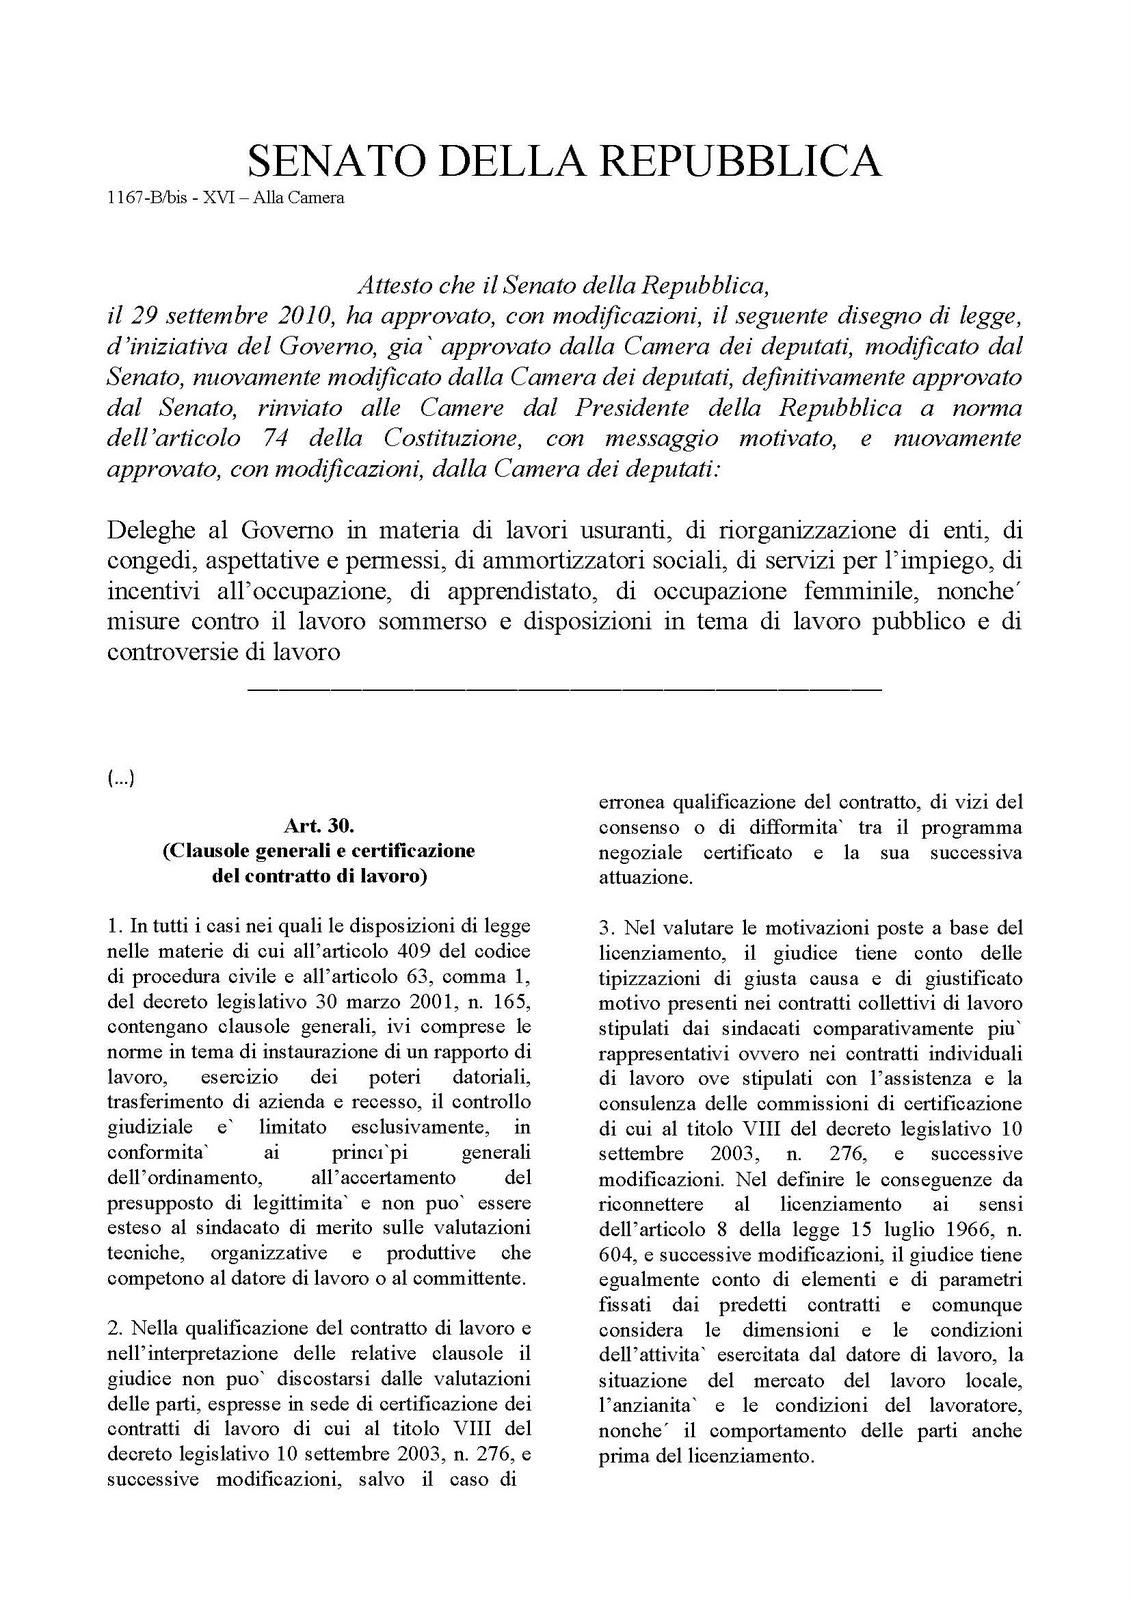 Lpd lavori usuranti iter parlamentare al senato della for Lavorare al senato della repubblica